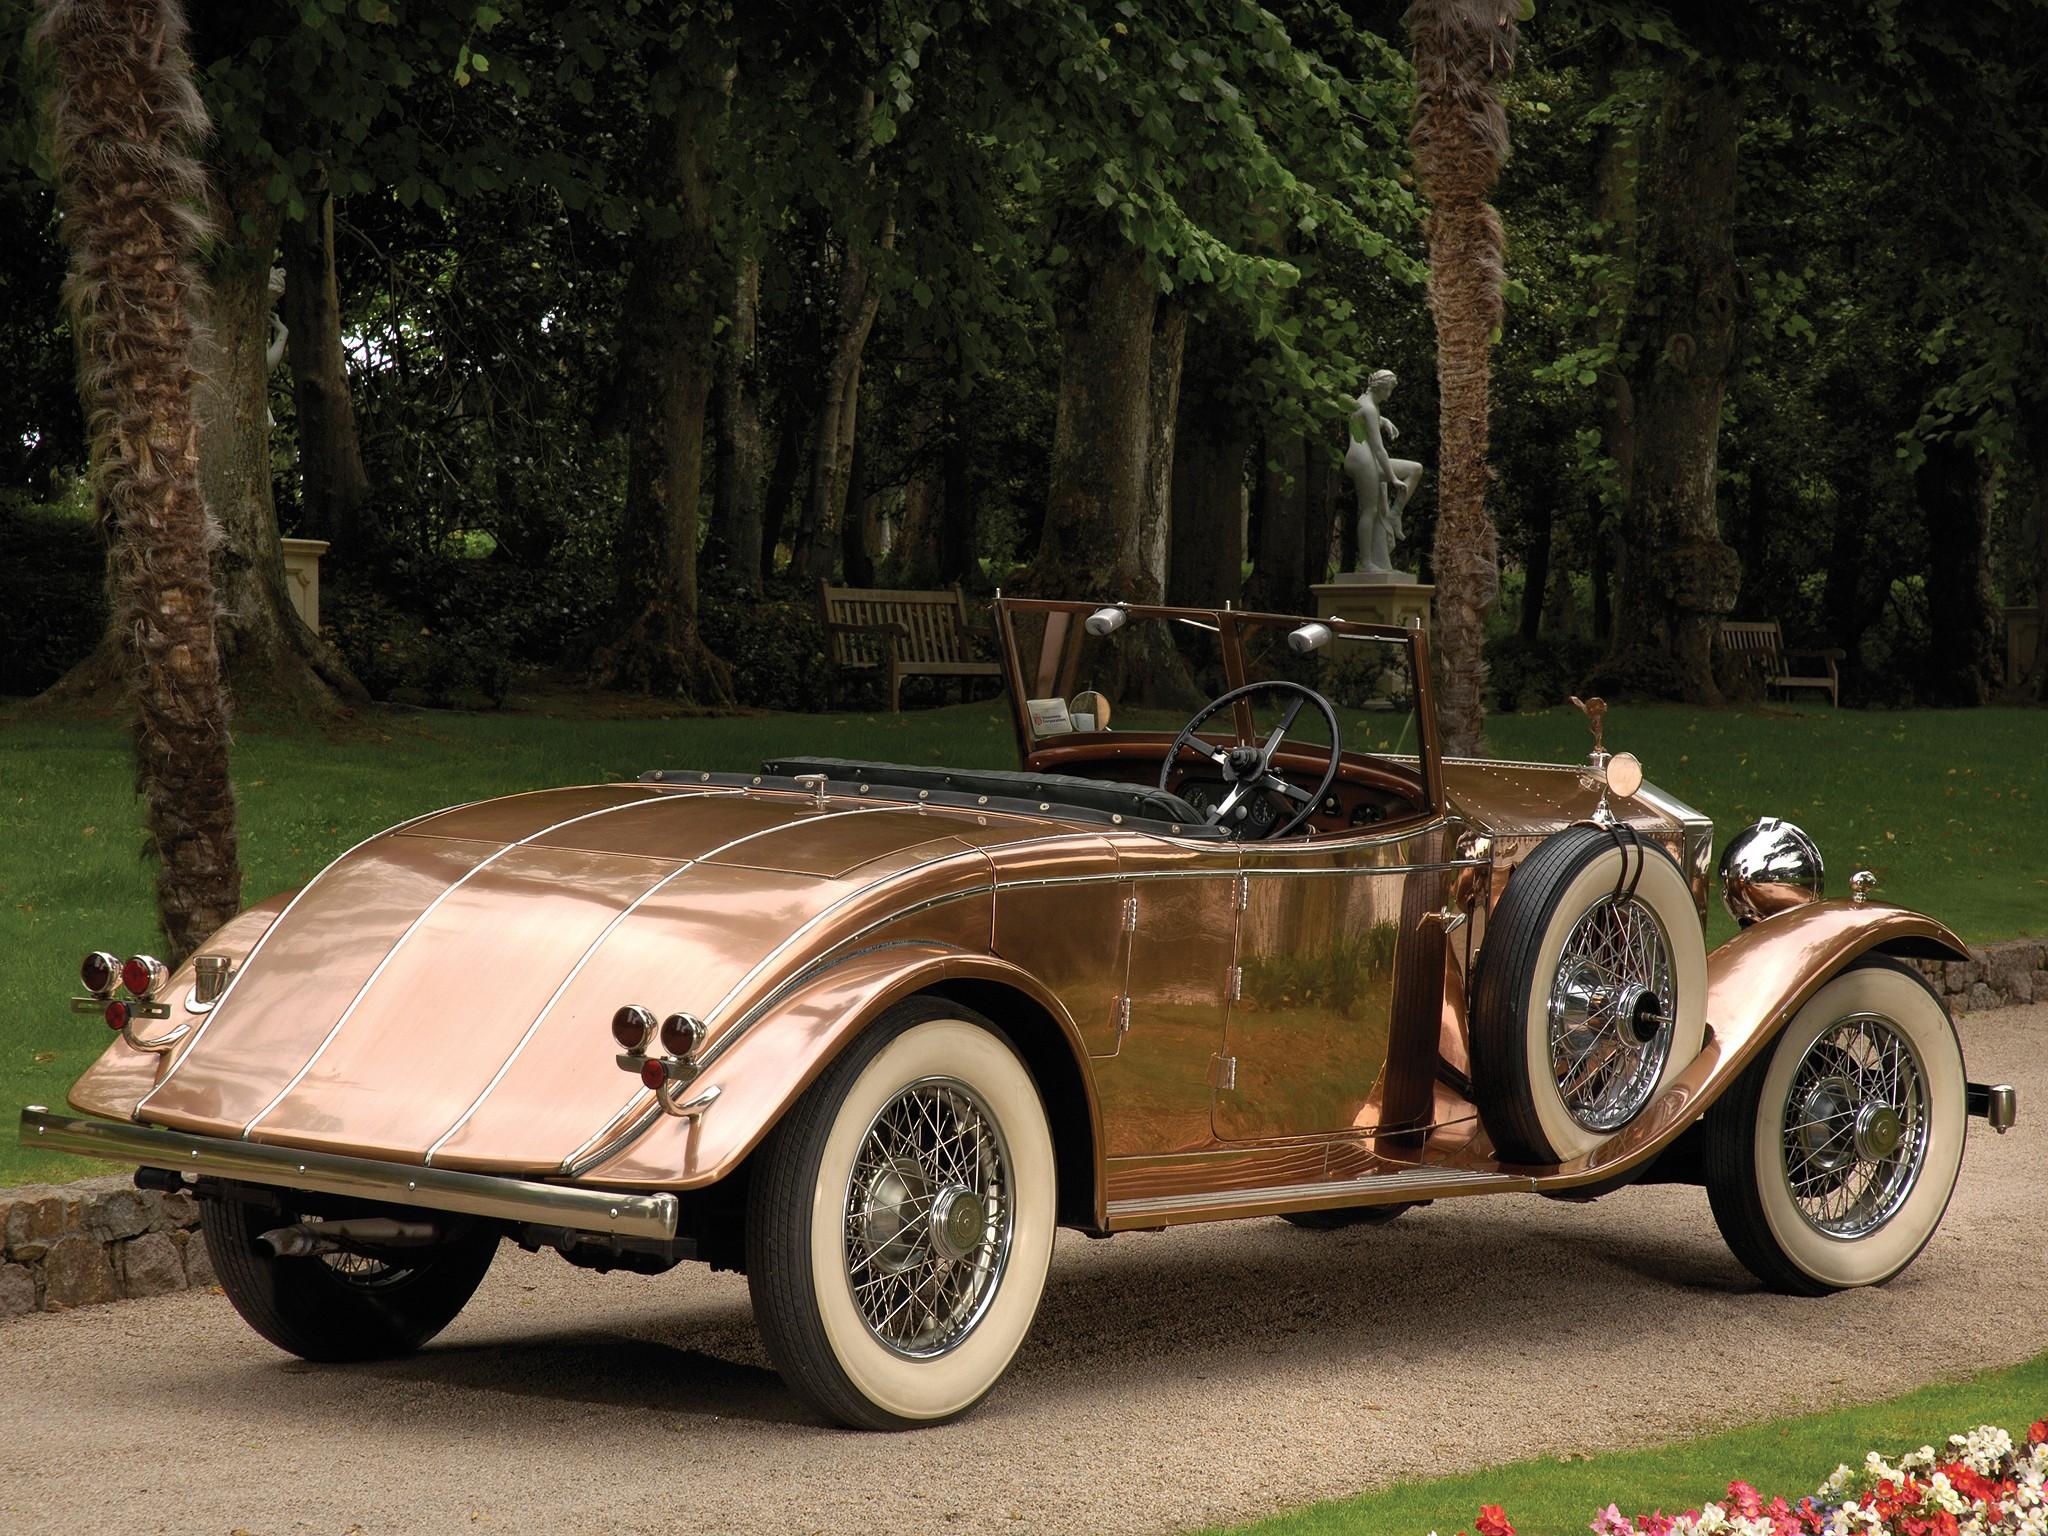 Vintage Rolls Royce Wallpaper Www Pixshark Com Images